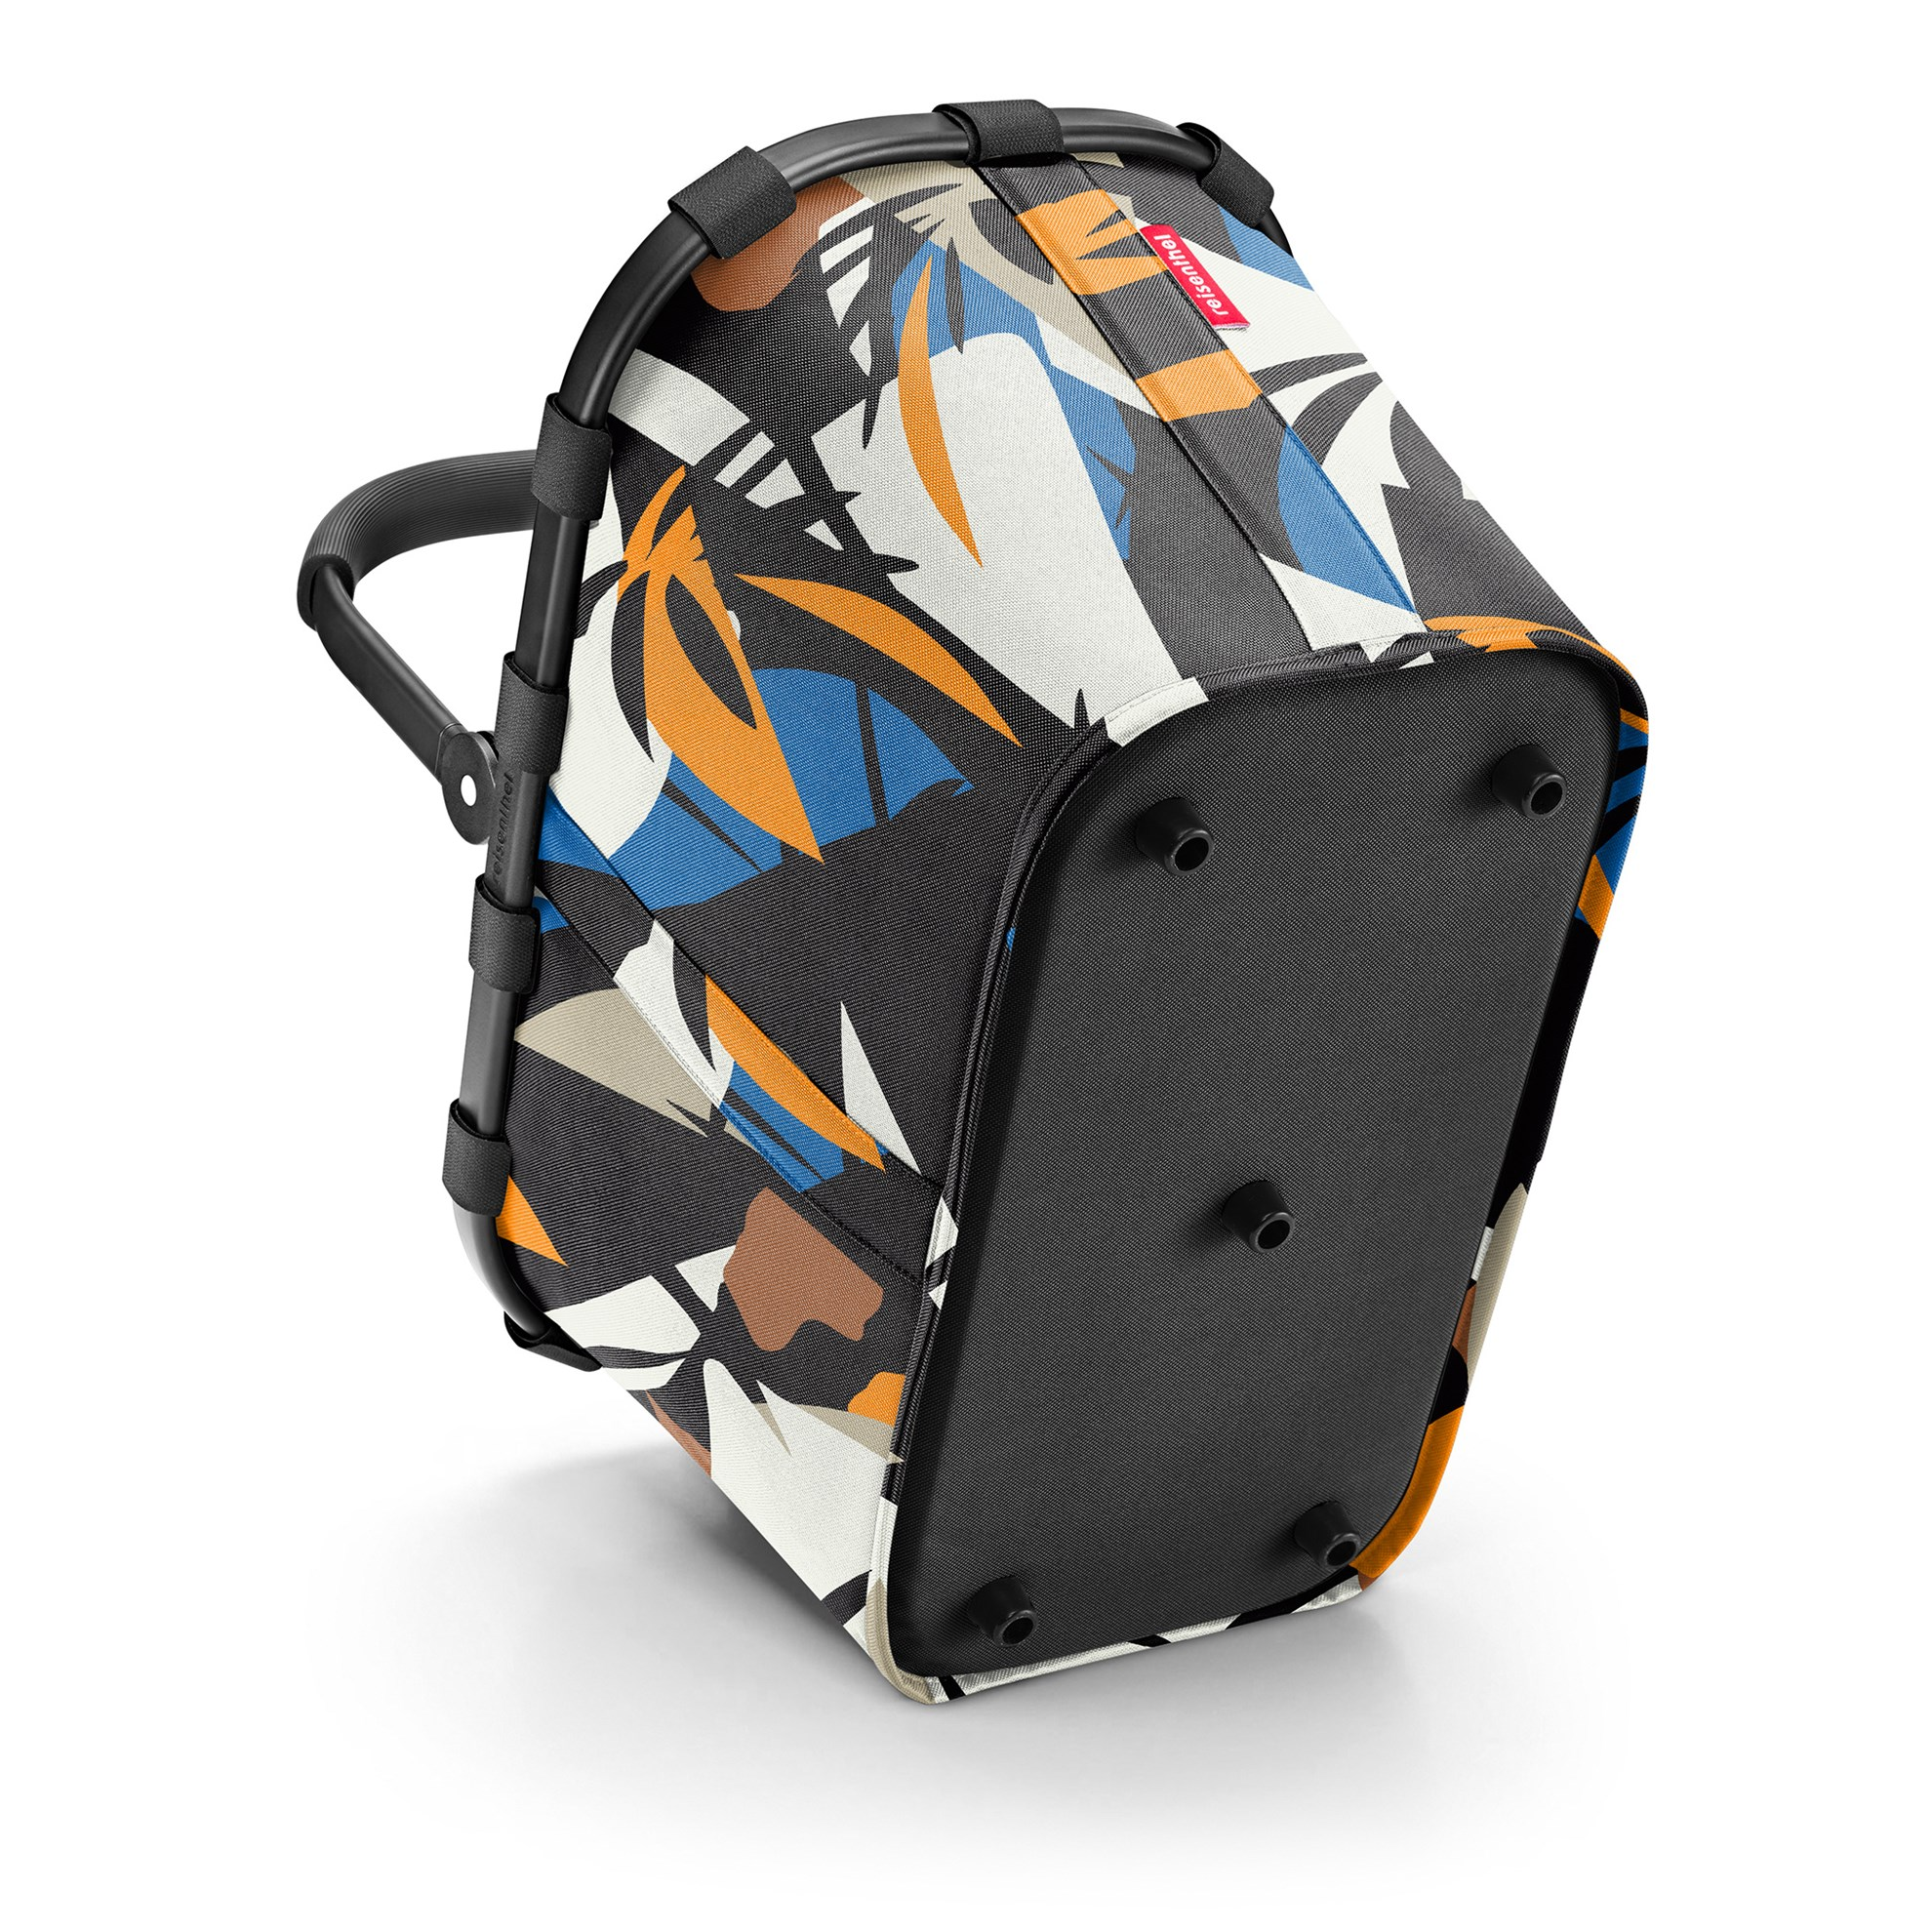 Nákupní košík Carrybag frame miami black_2